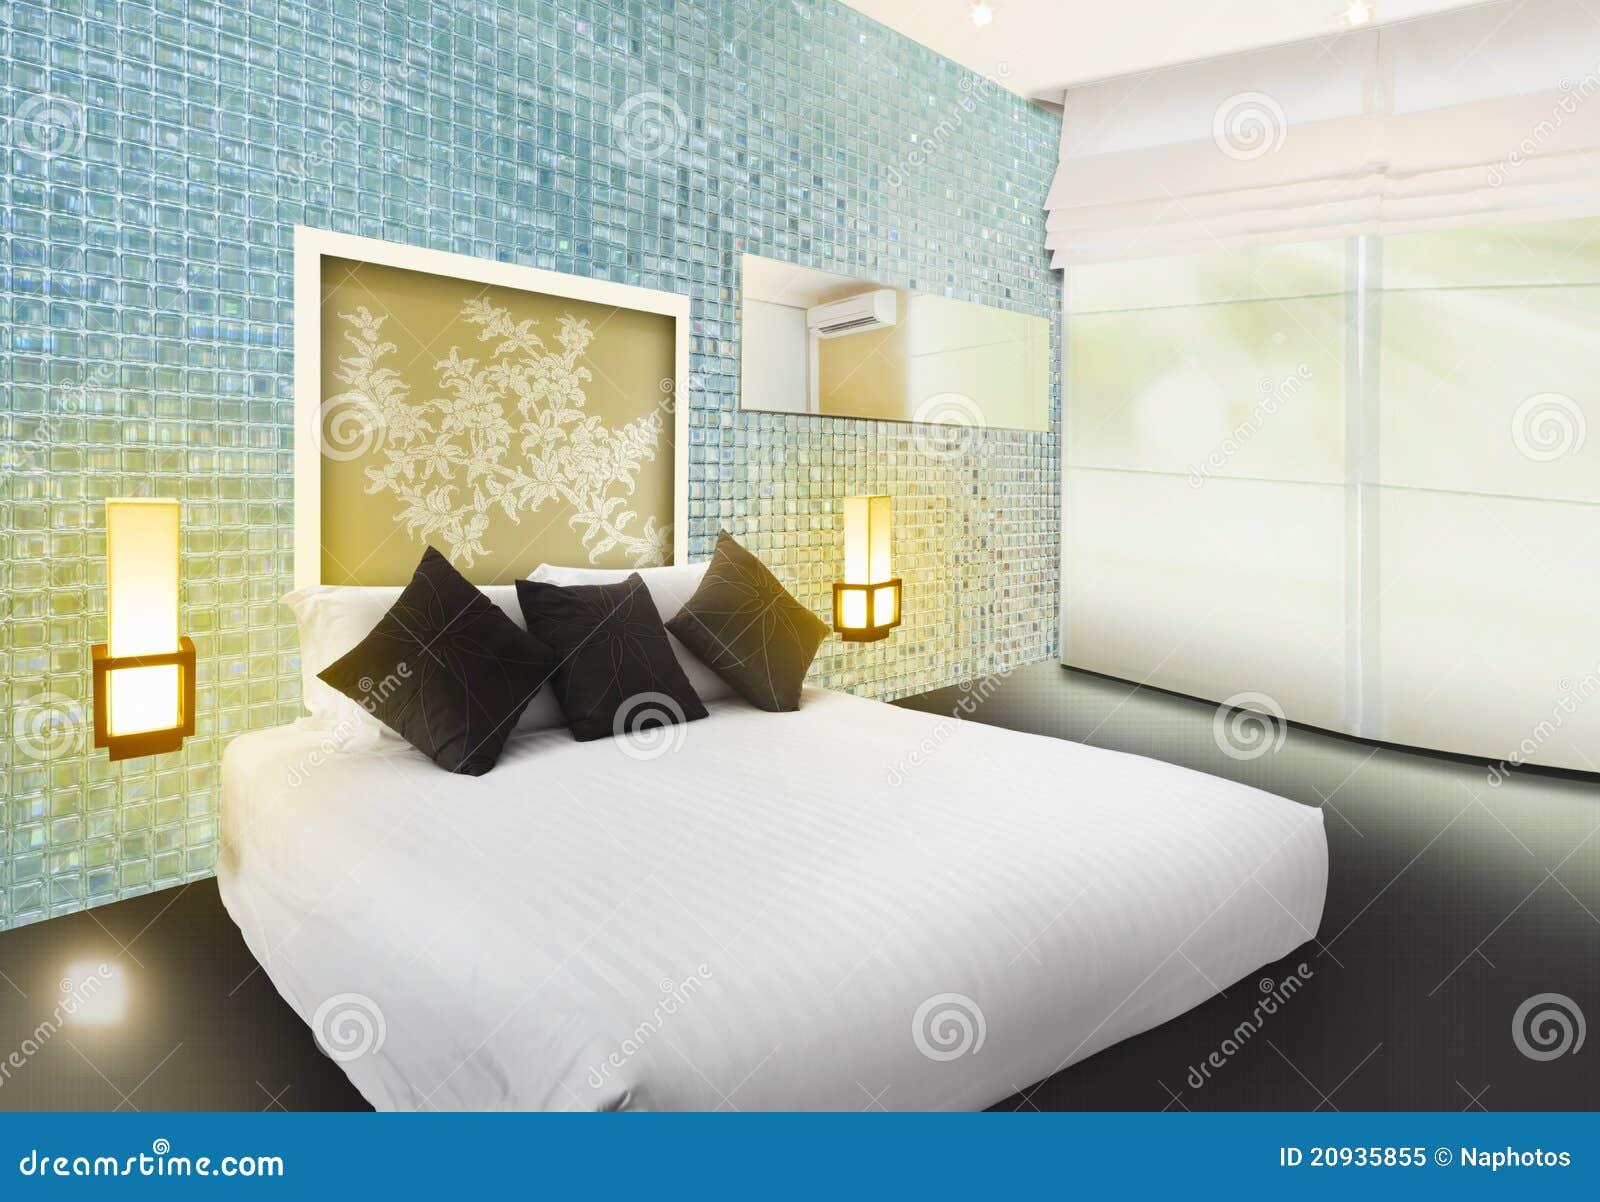 De slaapkamer binnenlands ontwerp van de luxe royalty vrije stock ...